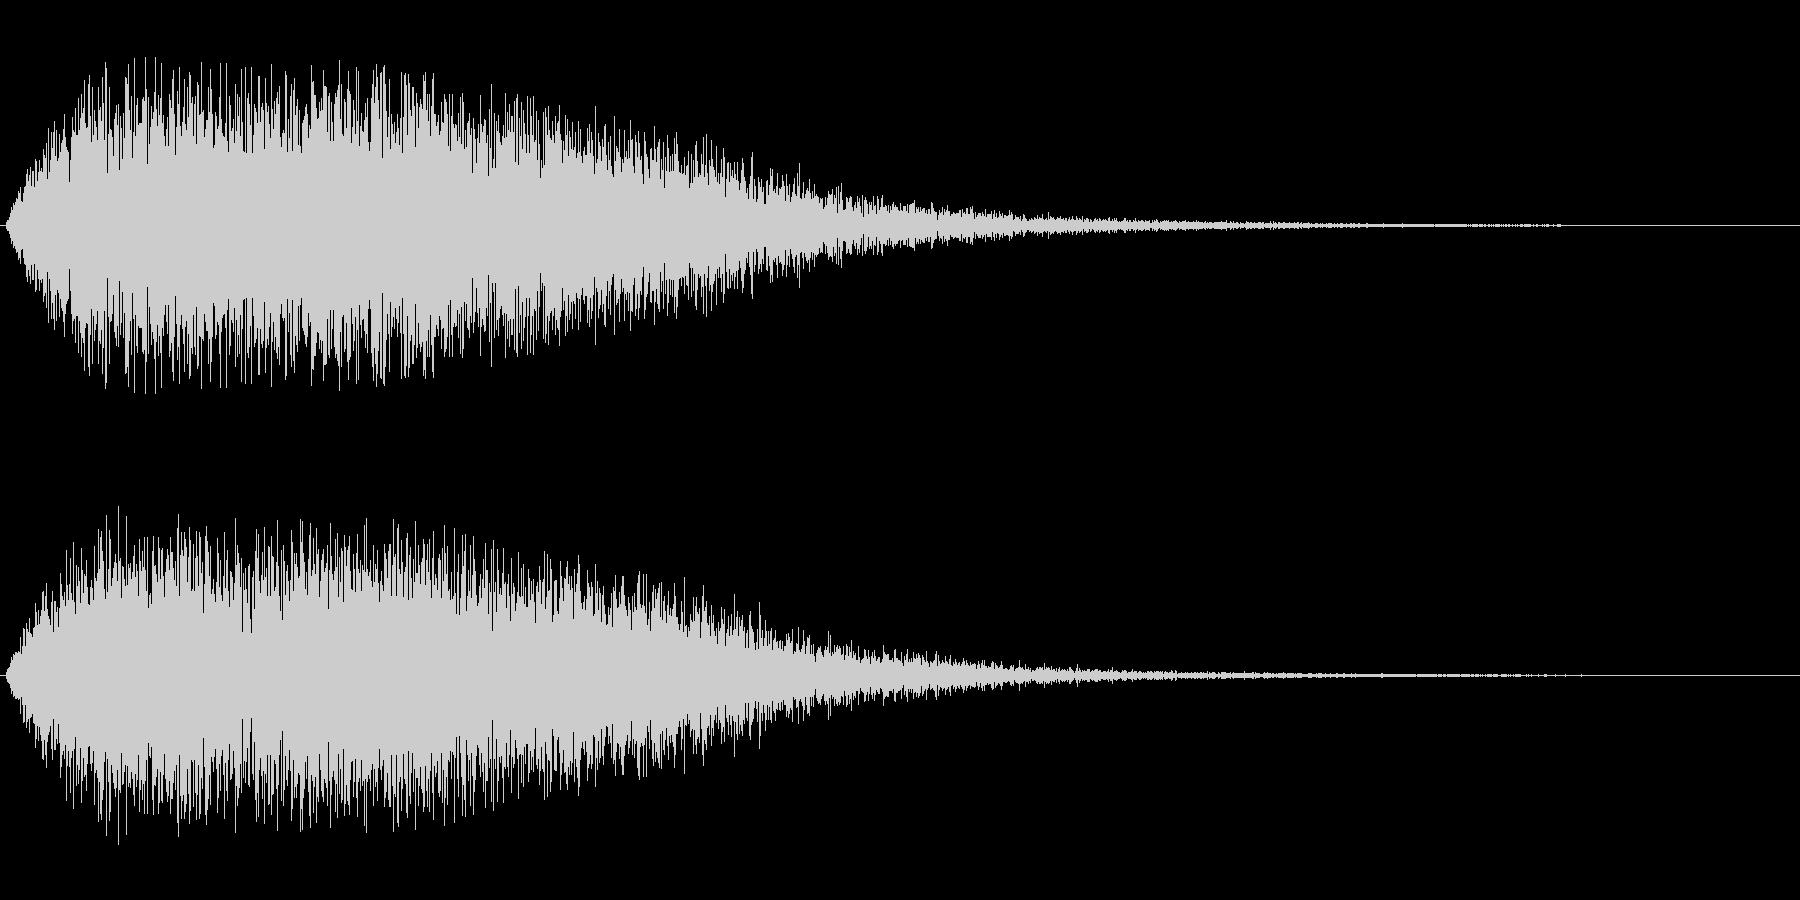 劇的な変化を彩る、魔法系サウンドの未再生の波形